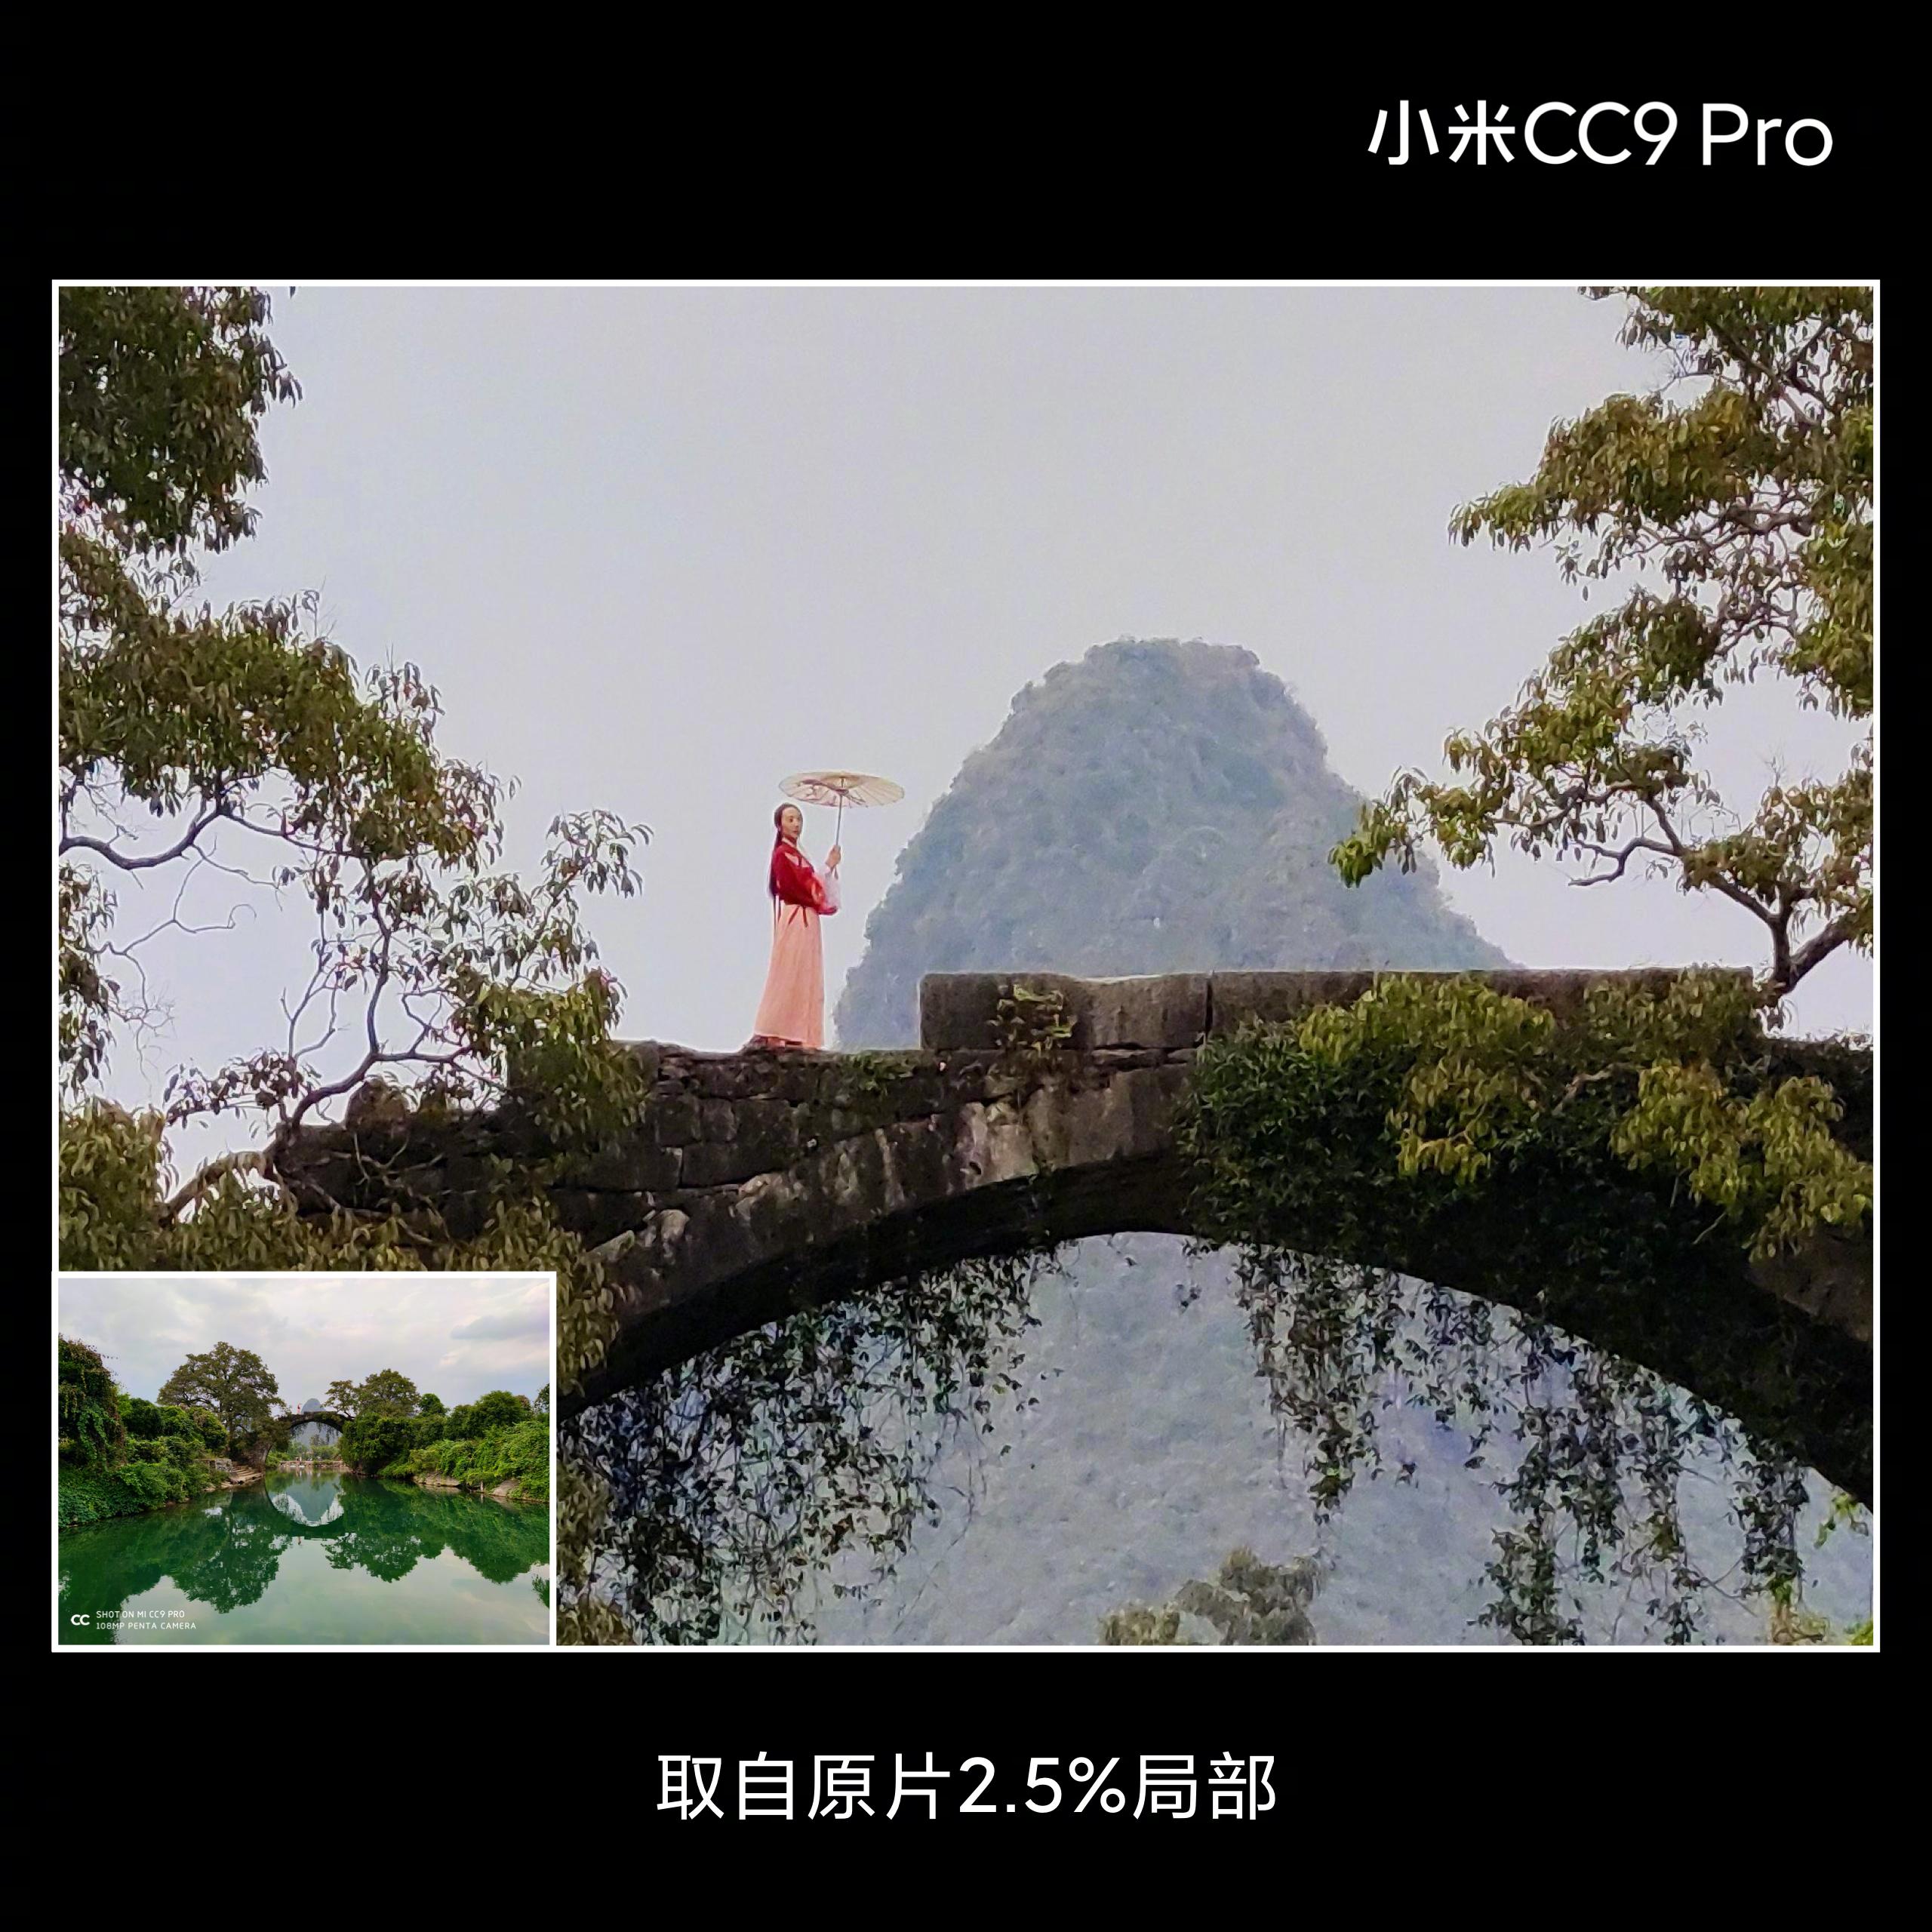 一亿像素的小米 CC9 Pro 展现了小米在提升拍摄质量的成果 8